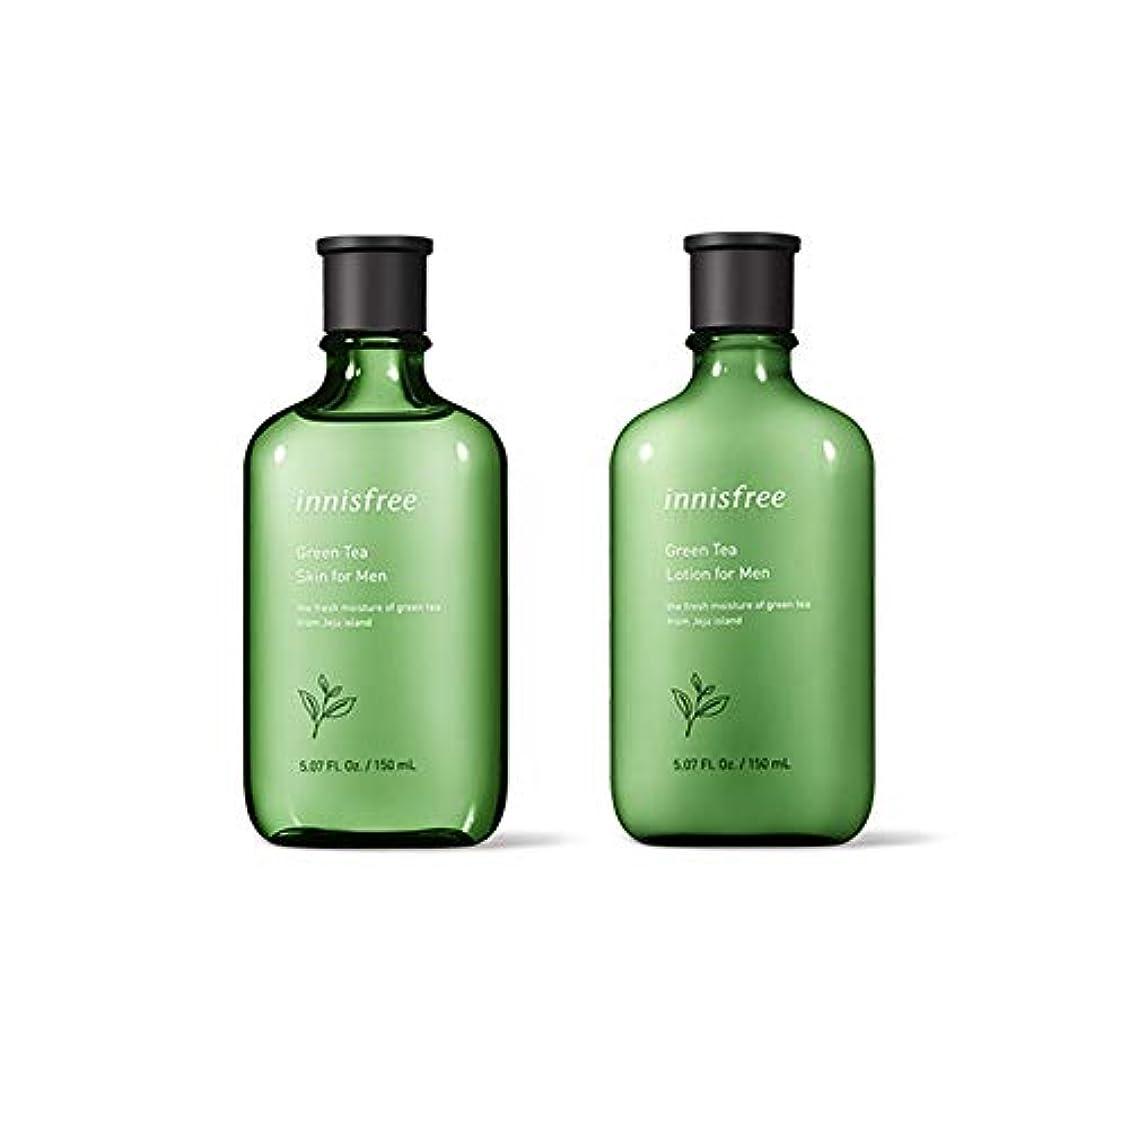 兵士強大な水陸両用イニスフリー Innisfree グリーンティースキン & ローションセットフォーメン(150ml+150ml) Innisfree Green Tea Skin & Lotion Set For Men(150ml+150ml...